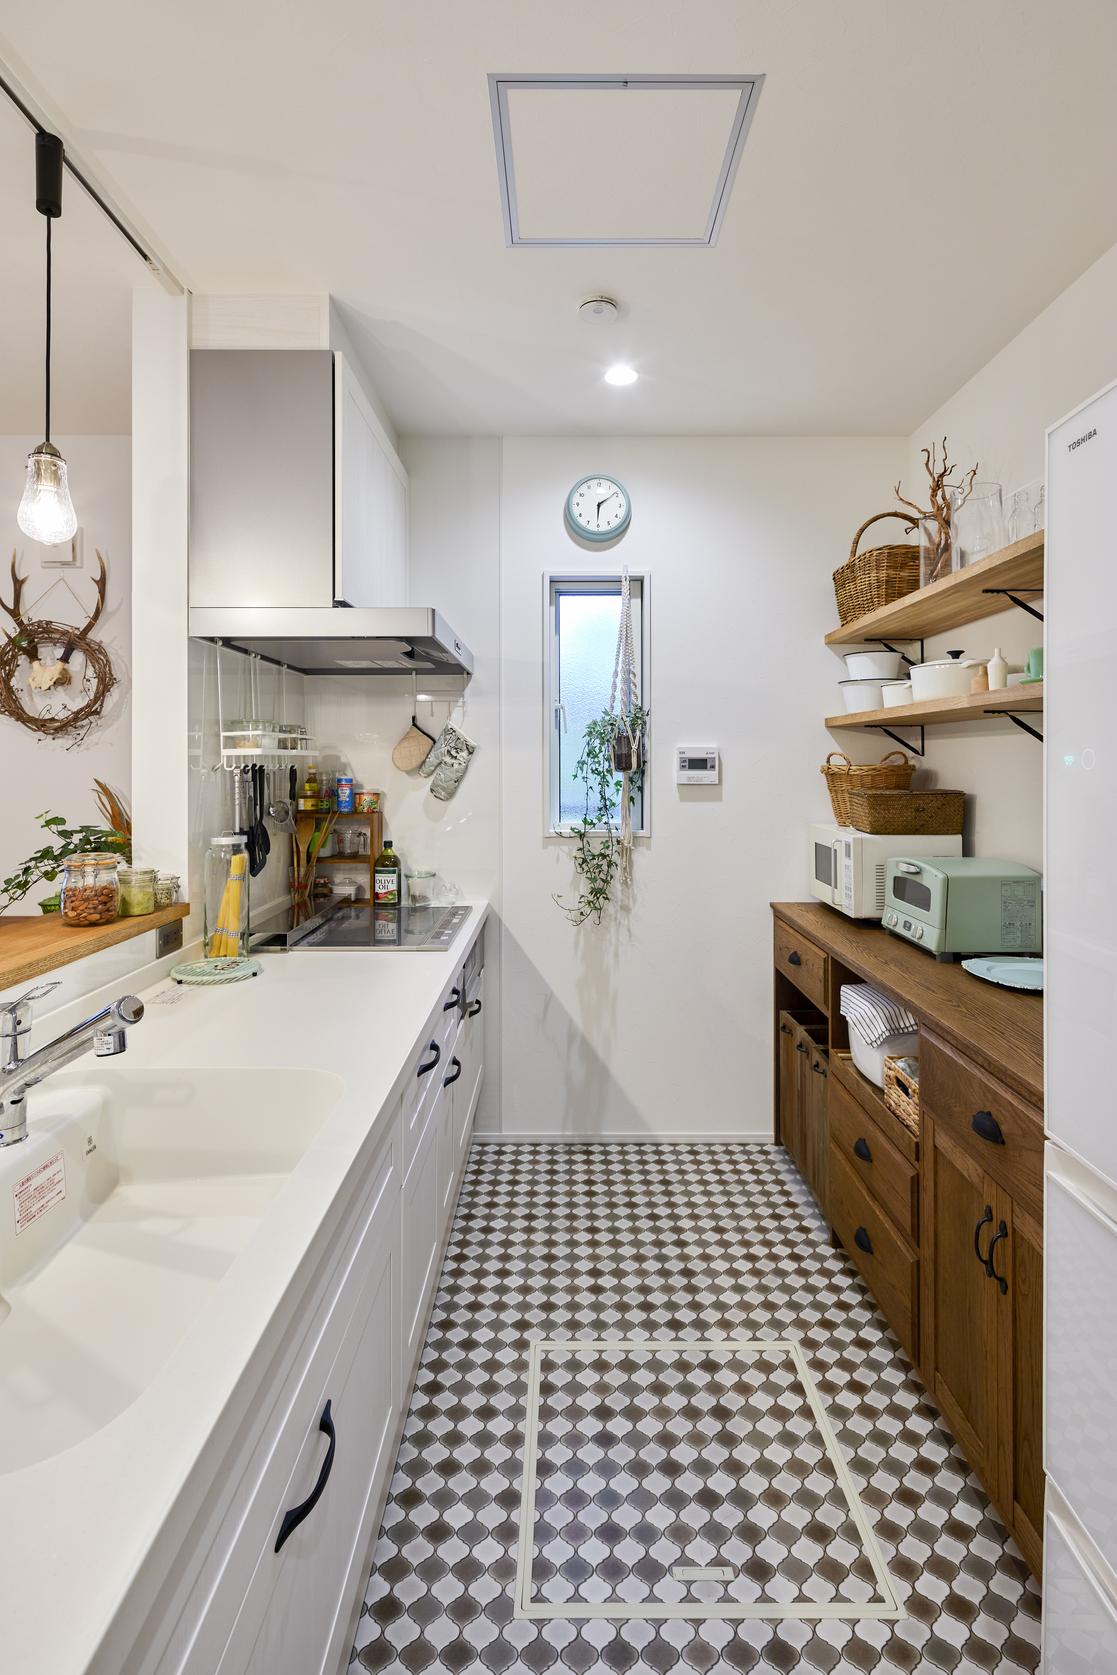 施主様オーダーメイドの棚とI型キッチンで、溢れがちな調理器具も綺麗に収まる